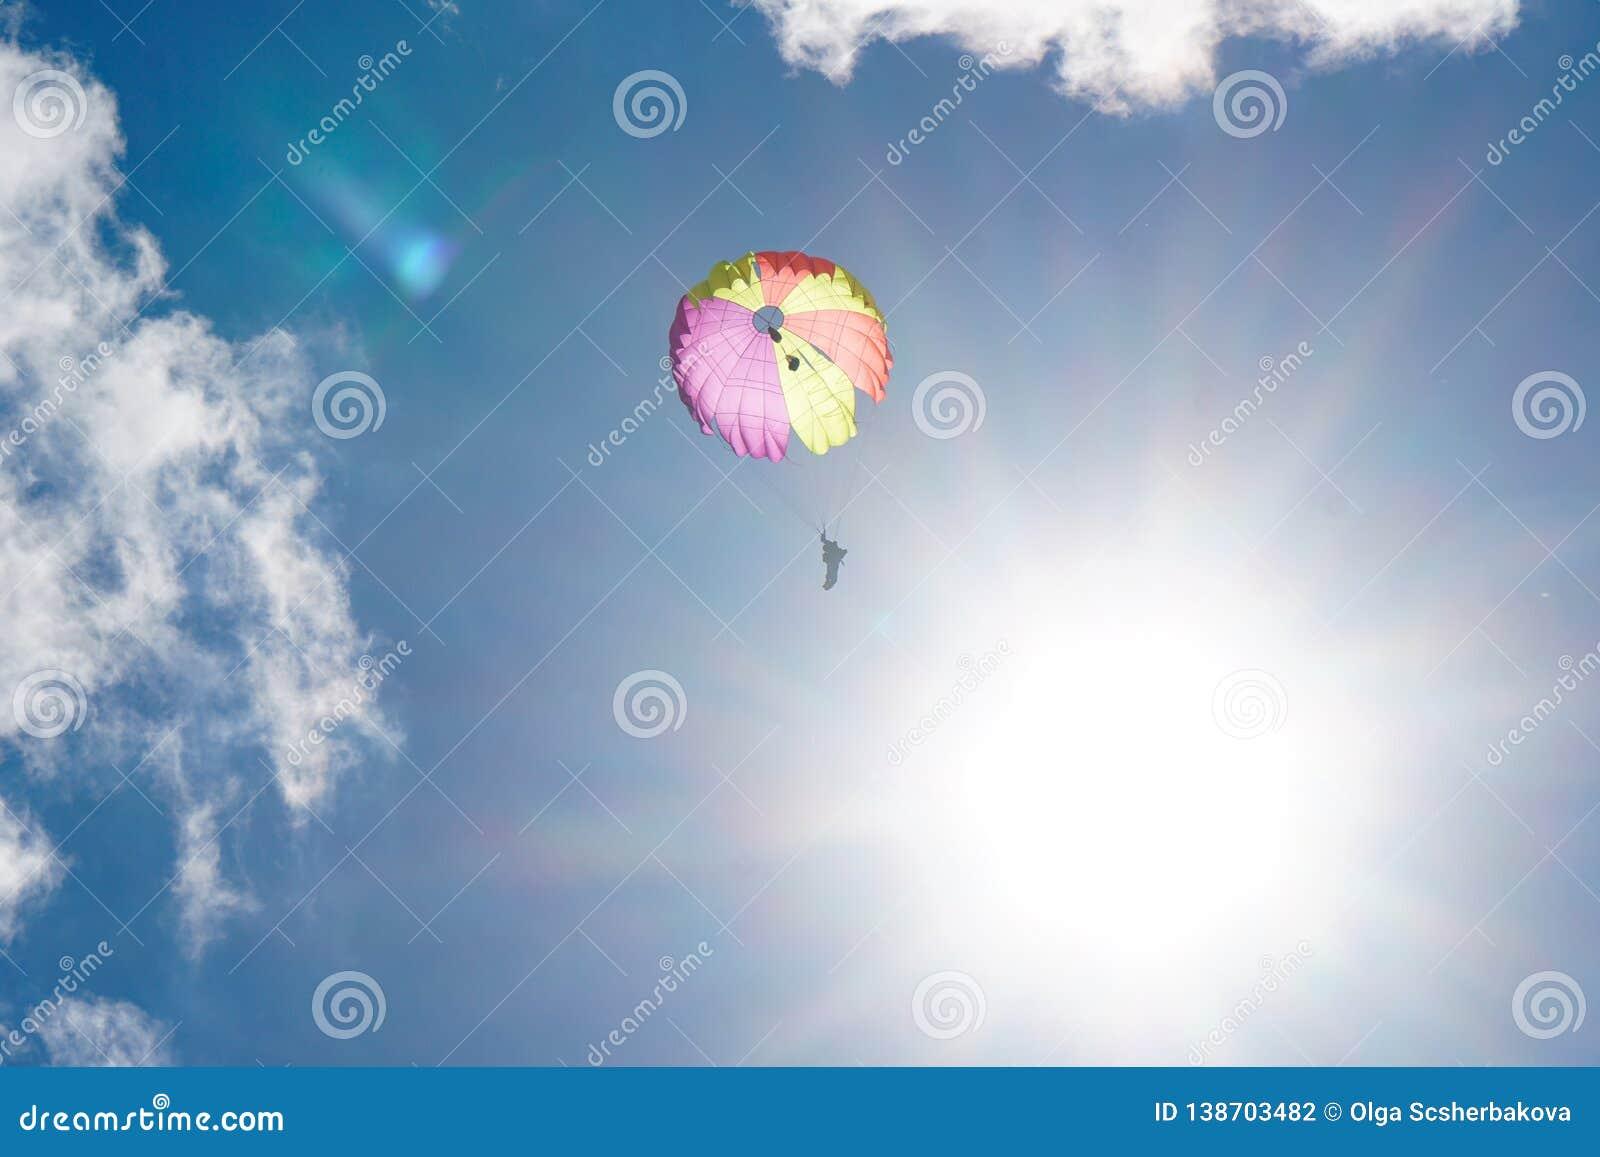 天空的跳伞运动员:墙纸